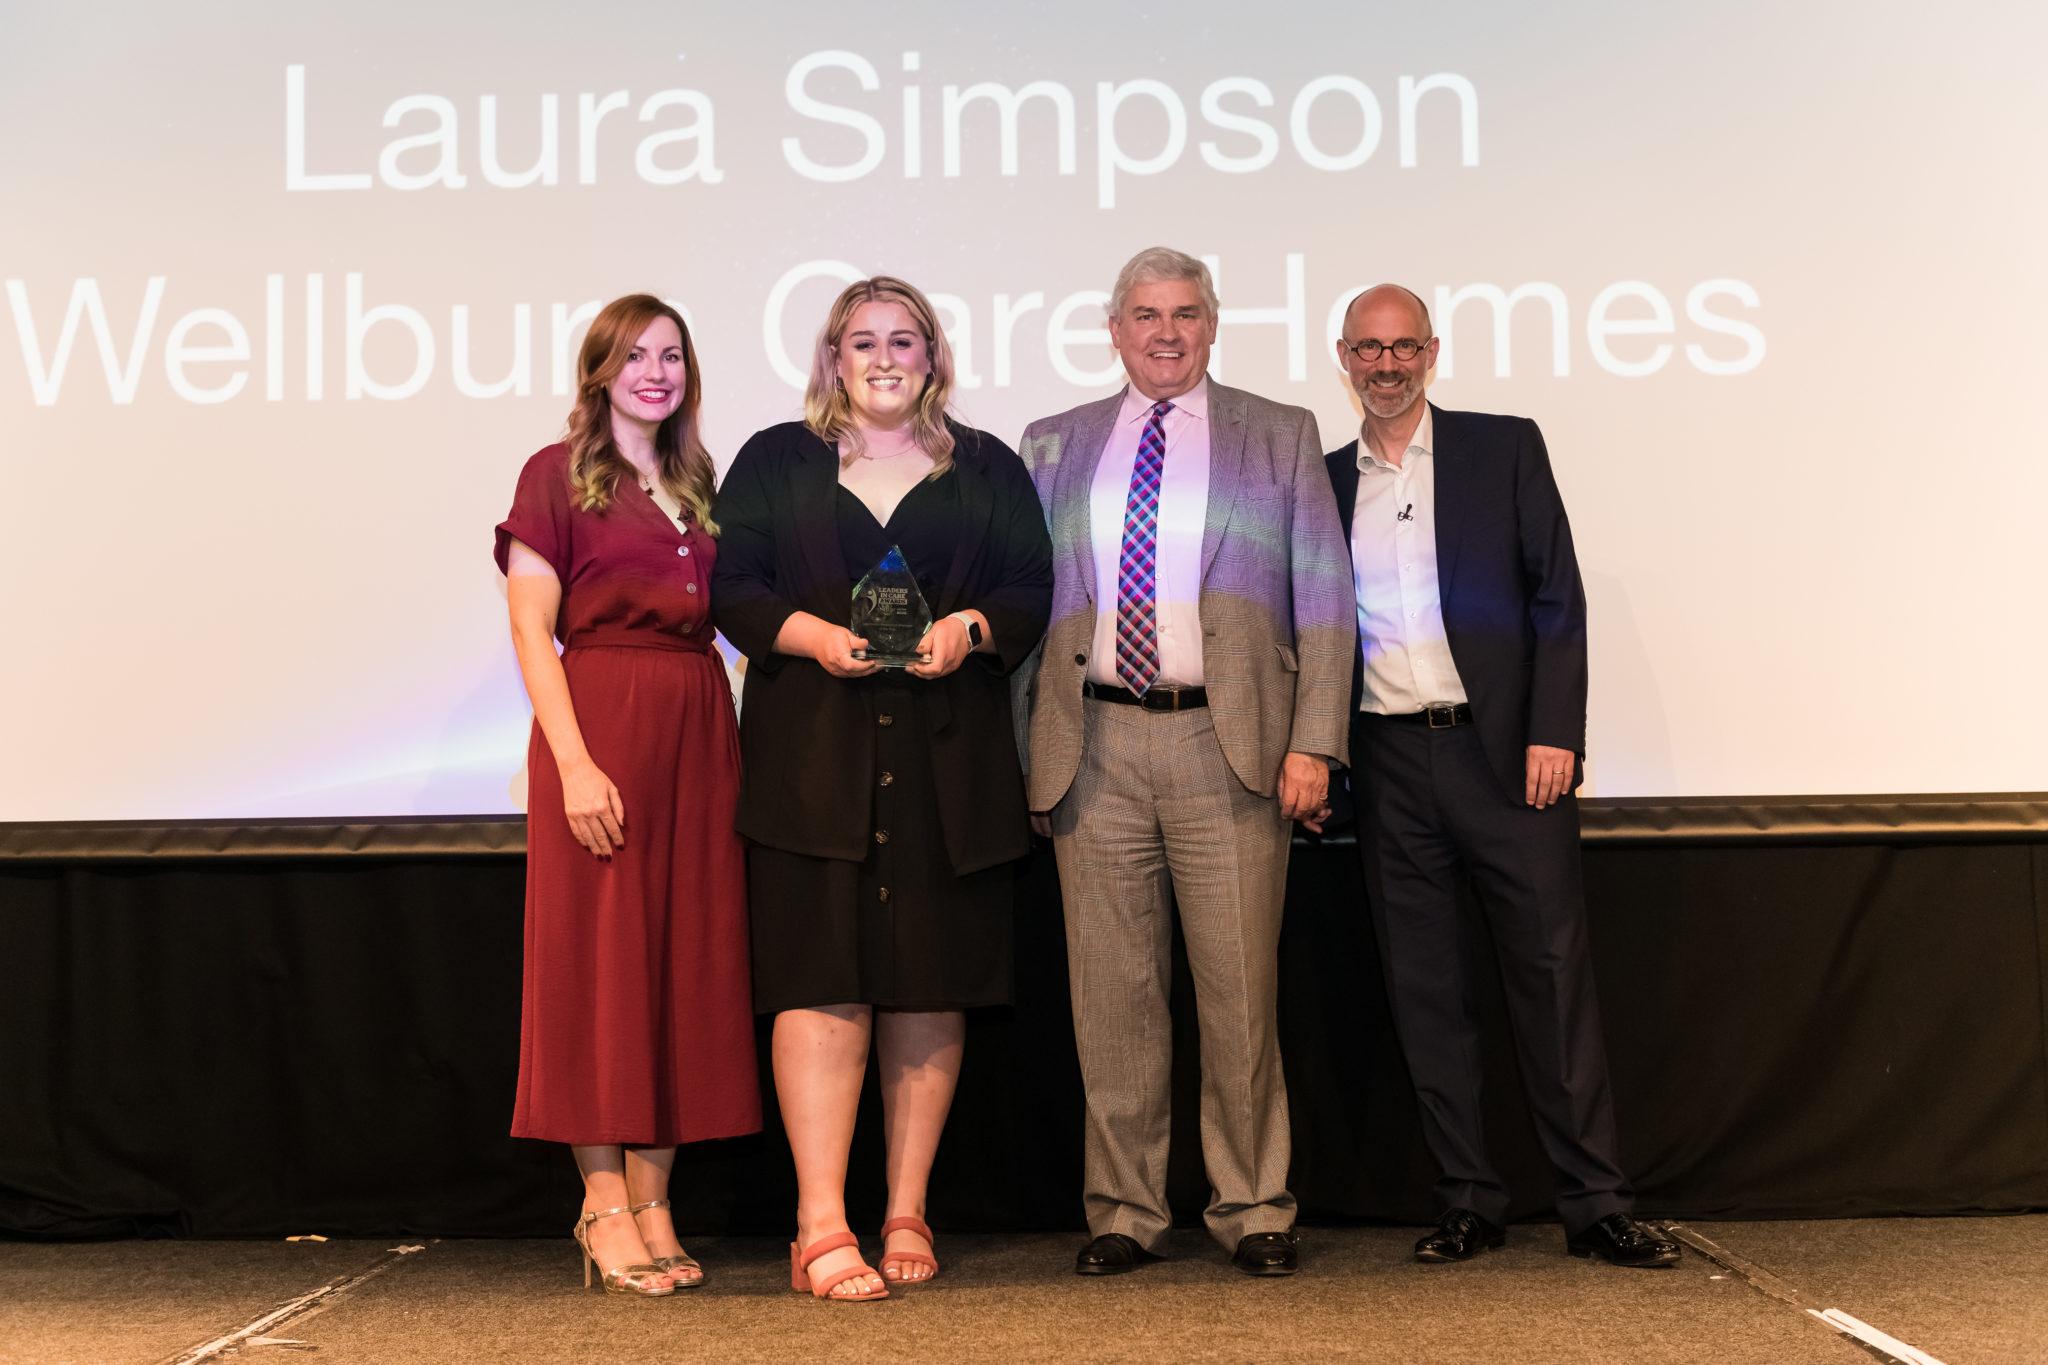 Laura Simpson